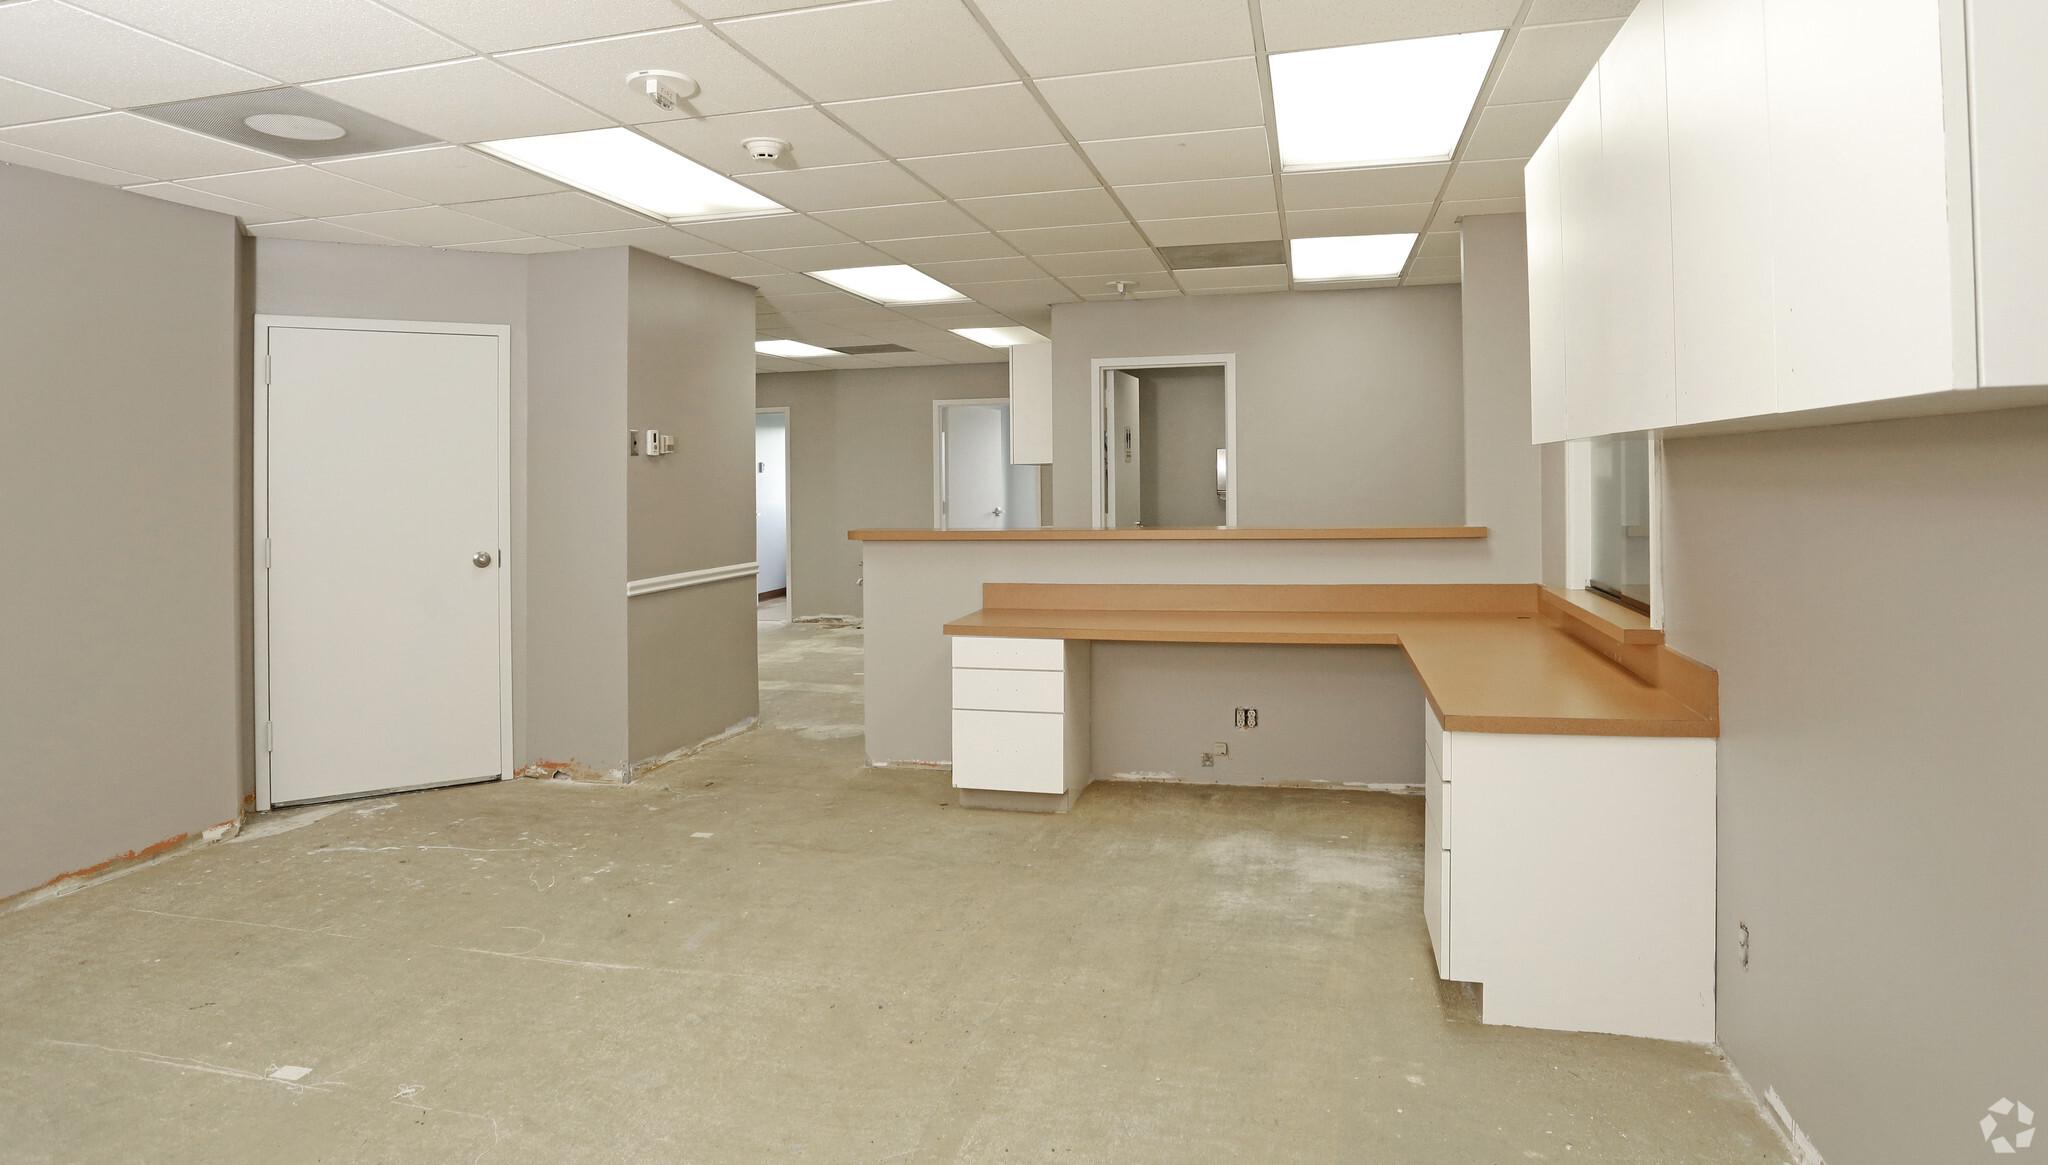 1151 N Buckner medical office reception area